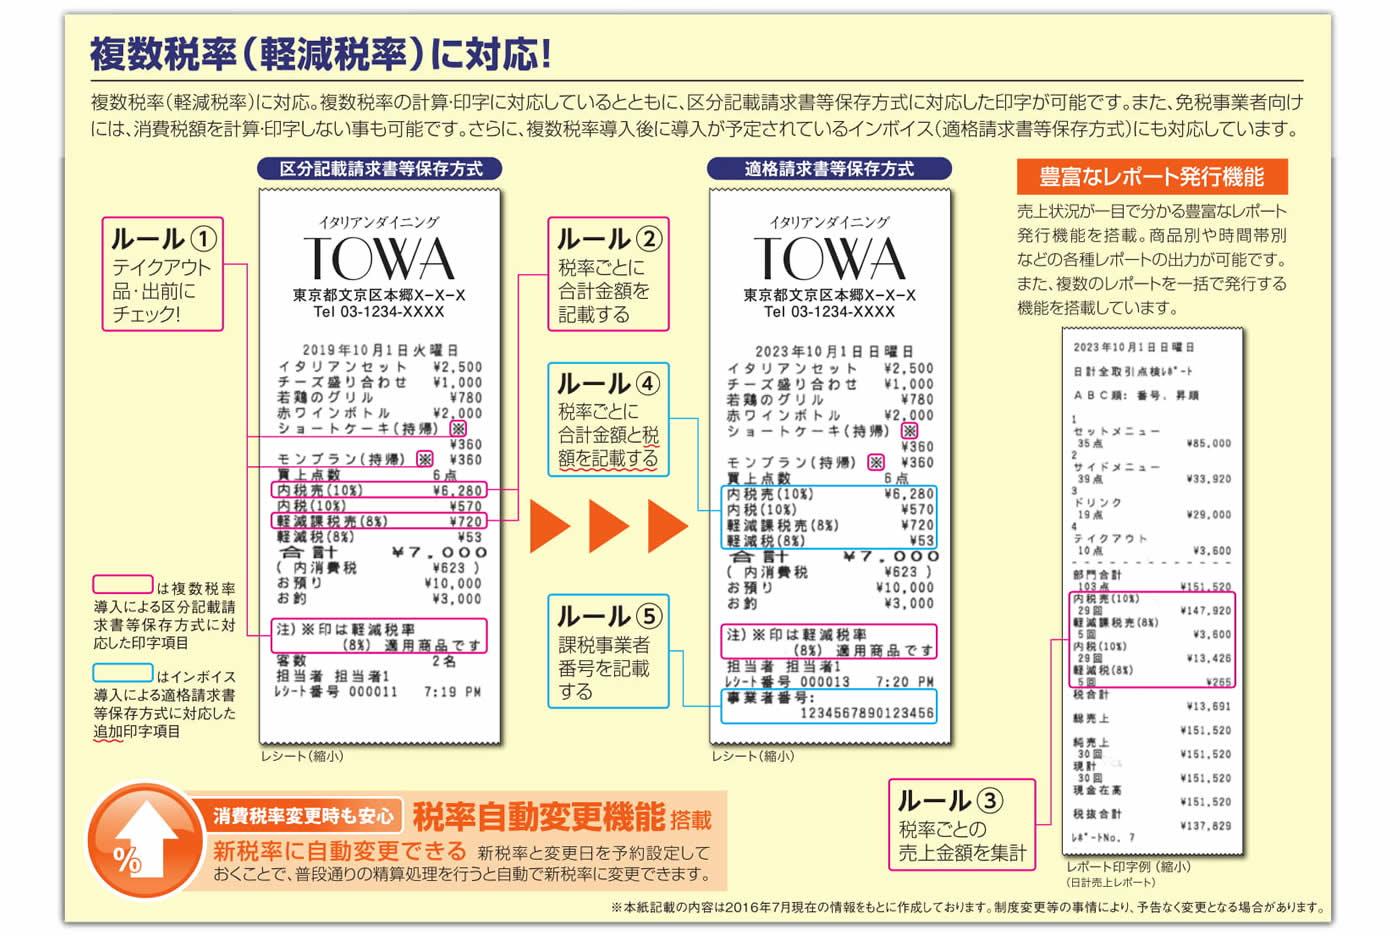 レジスター・POSレジメーカー【TBグループ】軽減税率対応や低